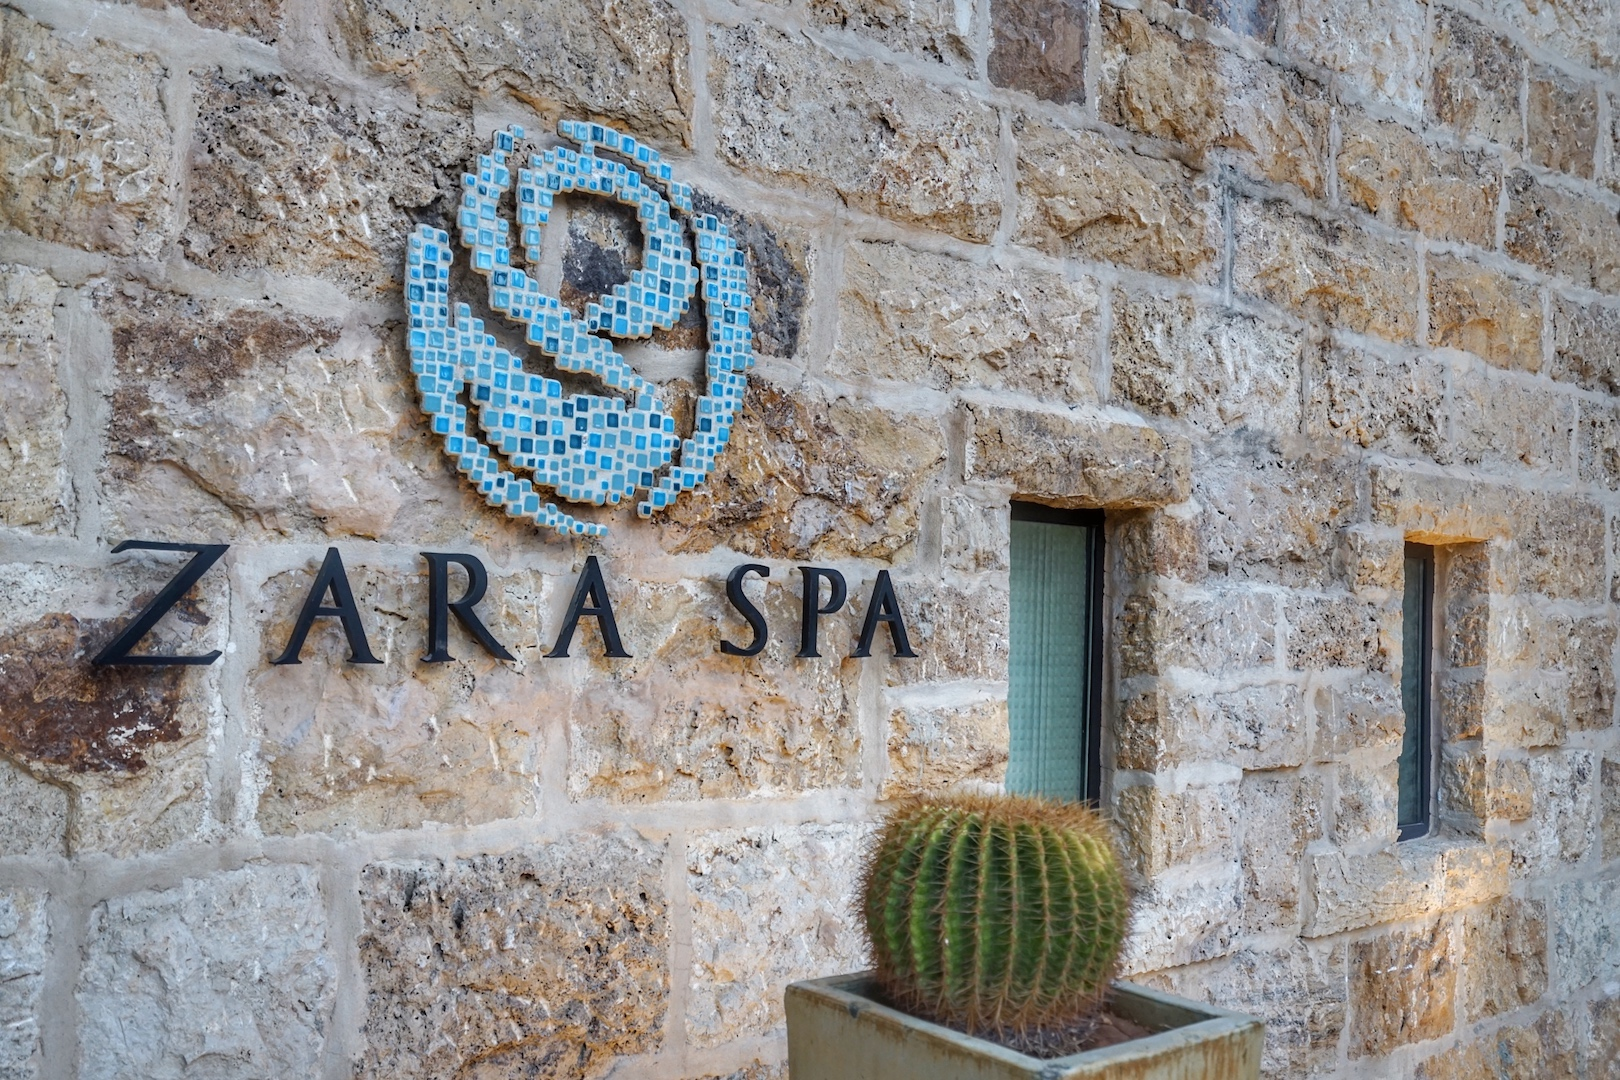 Das beste Spa im gesamten Nahen Osten: Zara Spa